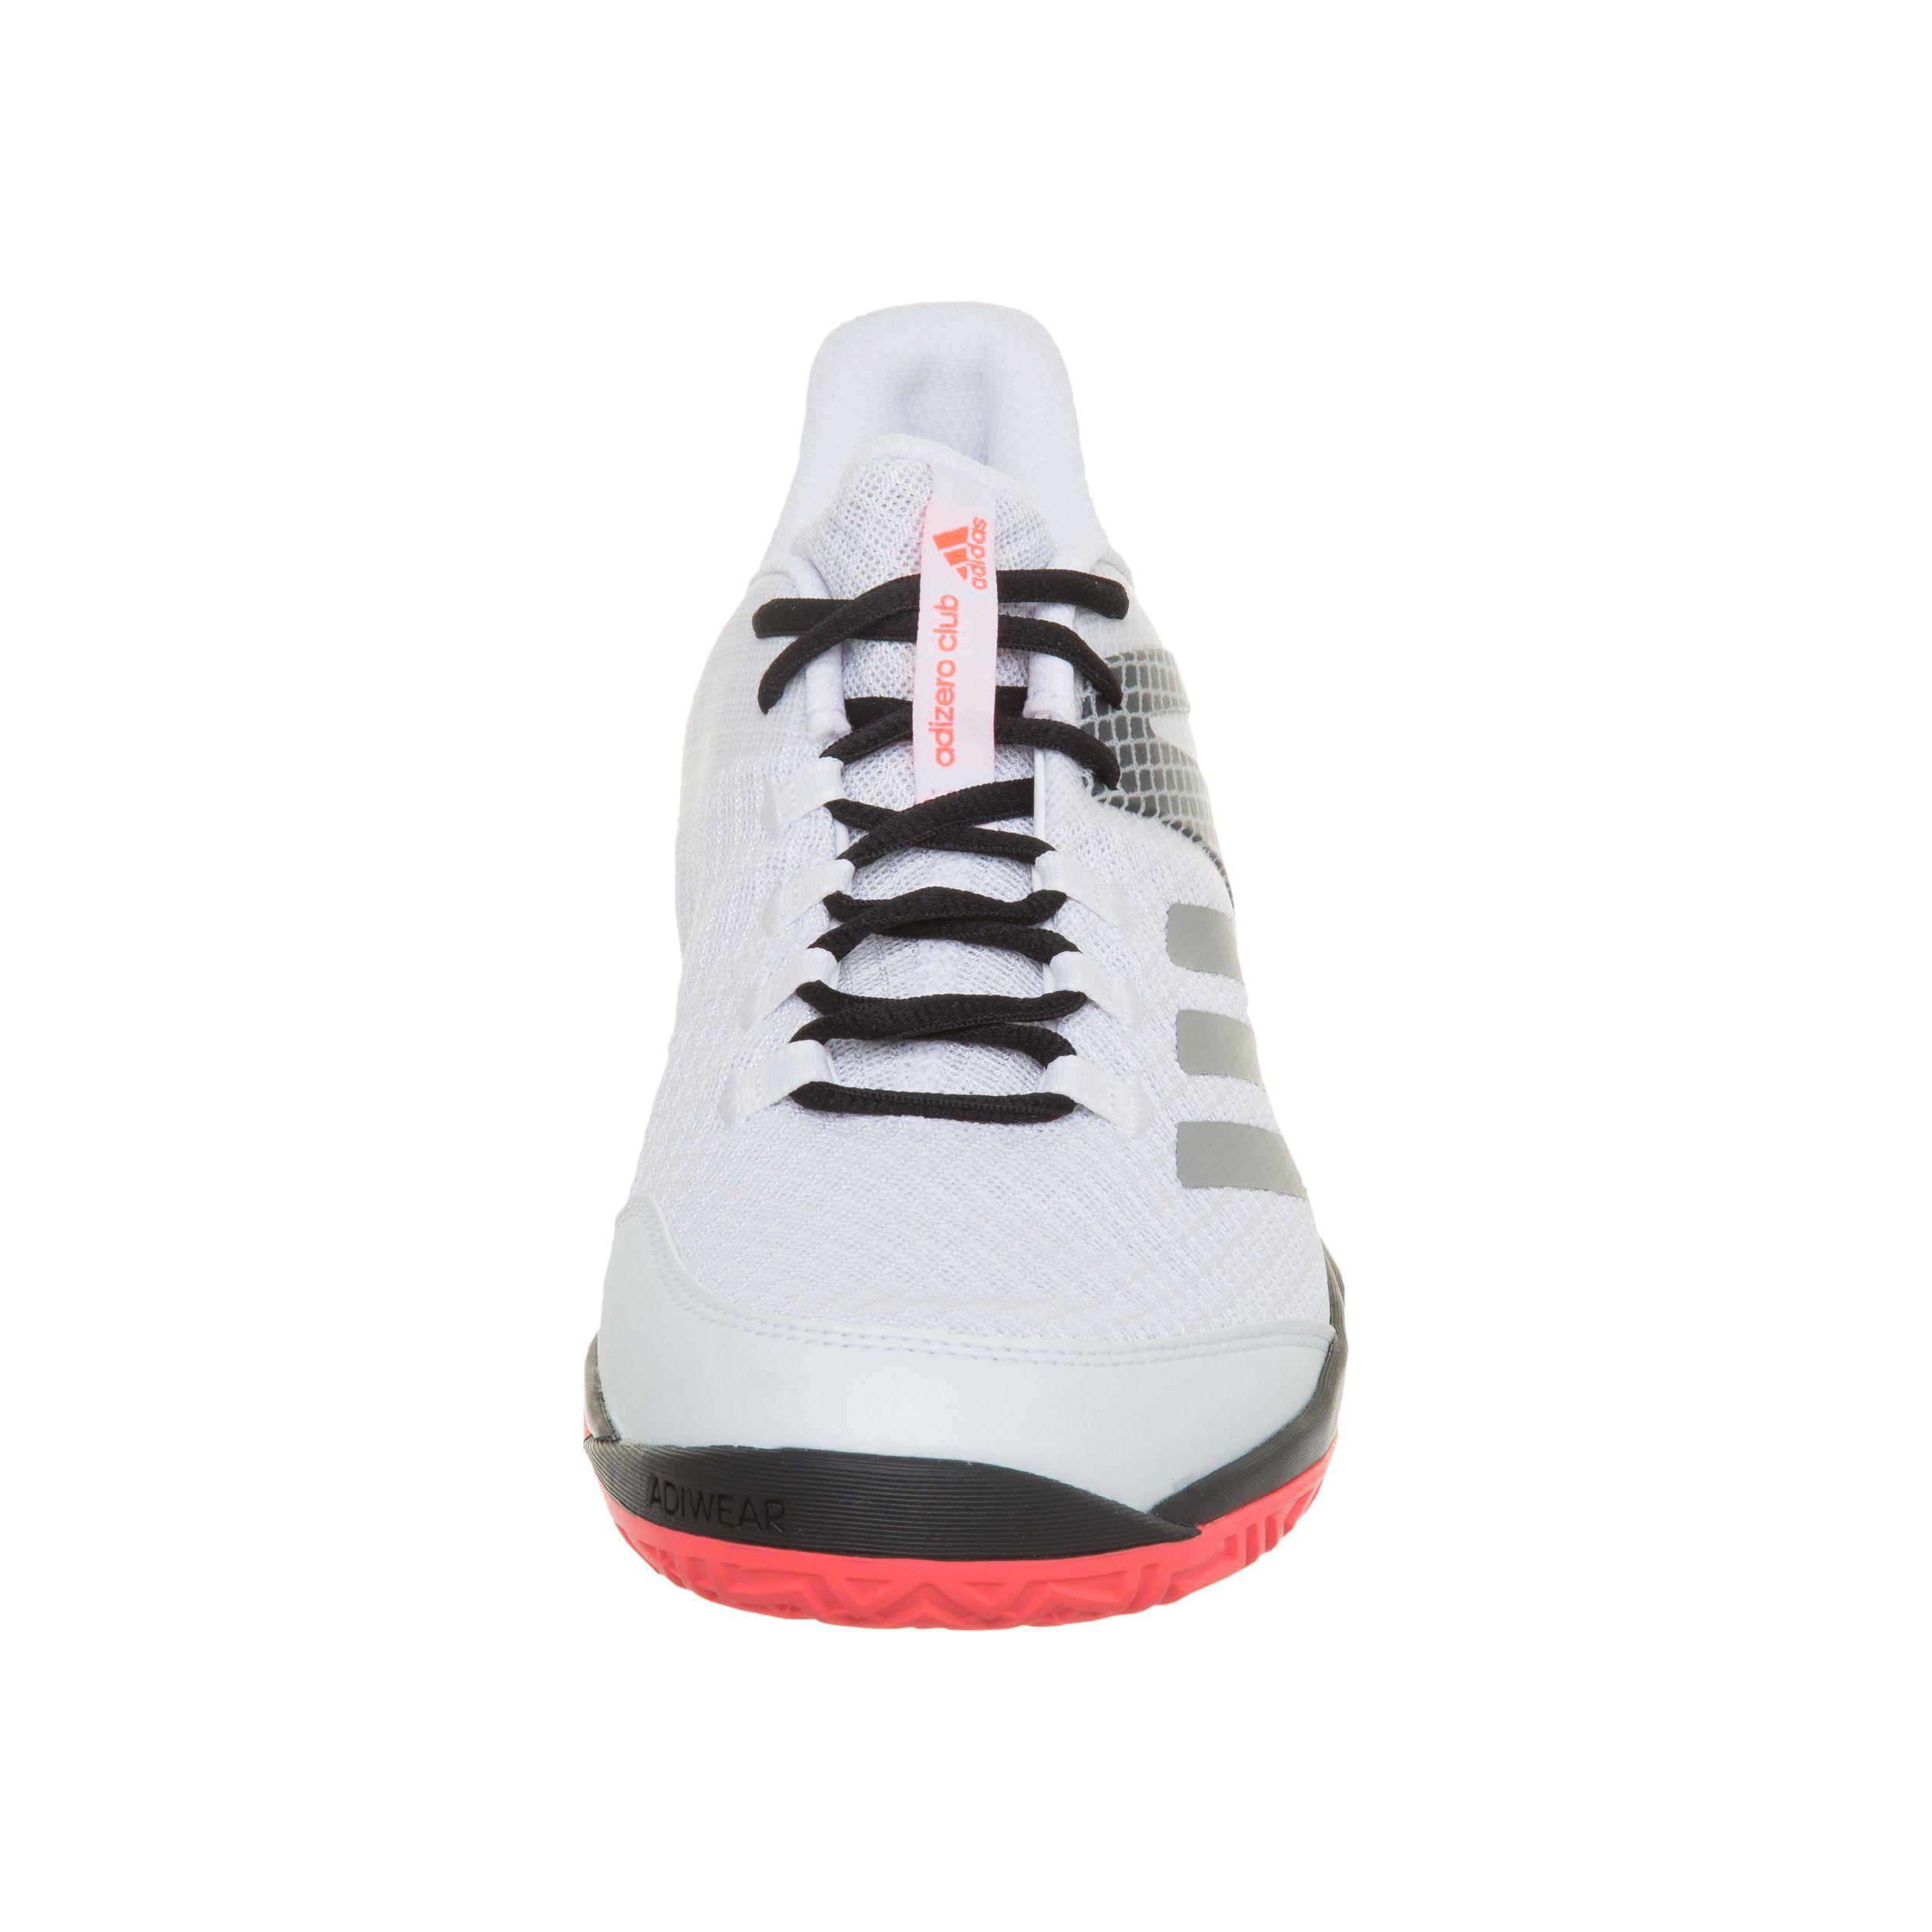 adidas Adizero Club 2 Chaussure Tout Terrain Hommes Gris